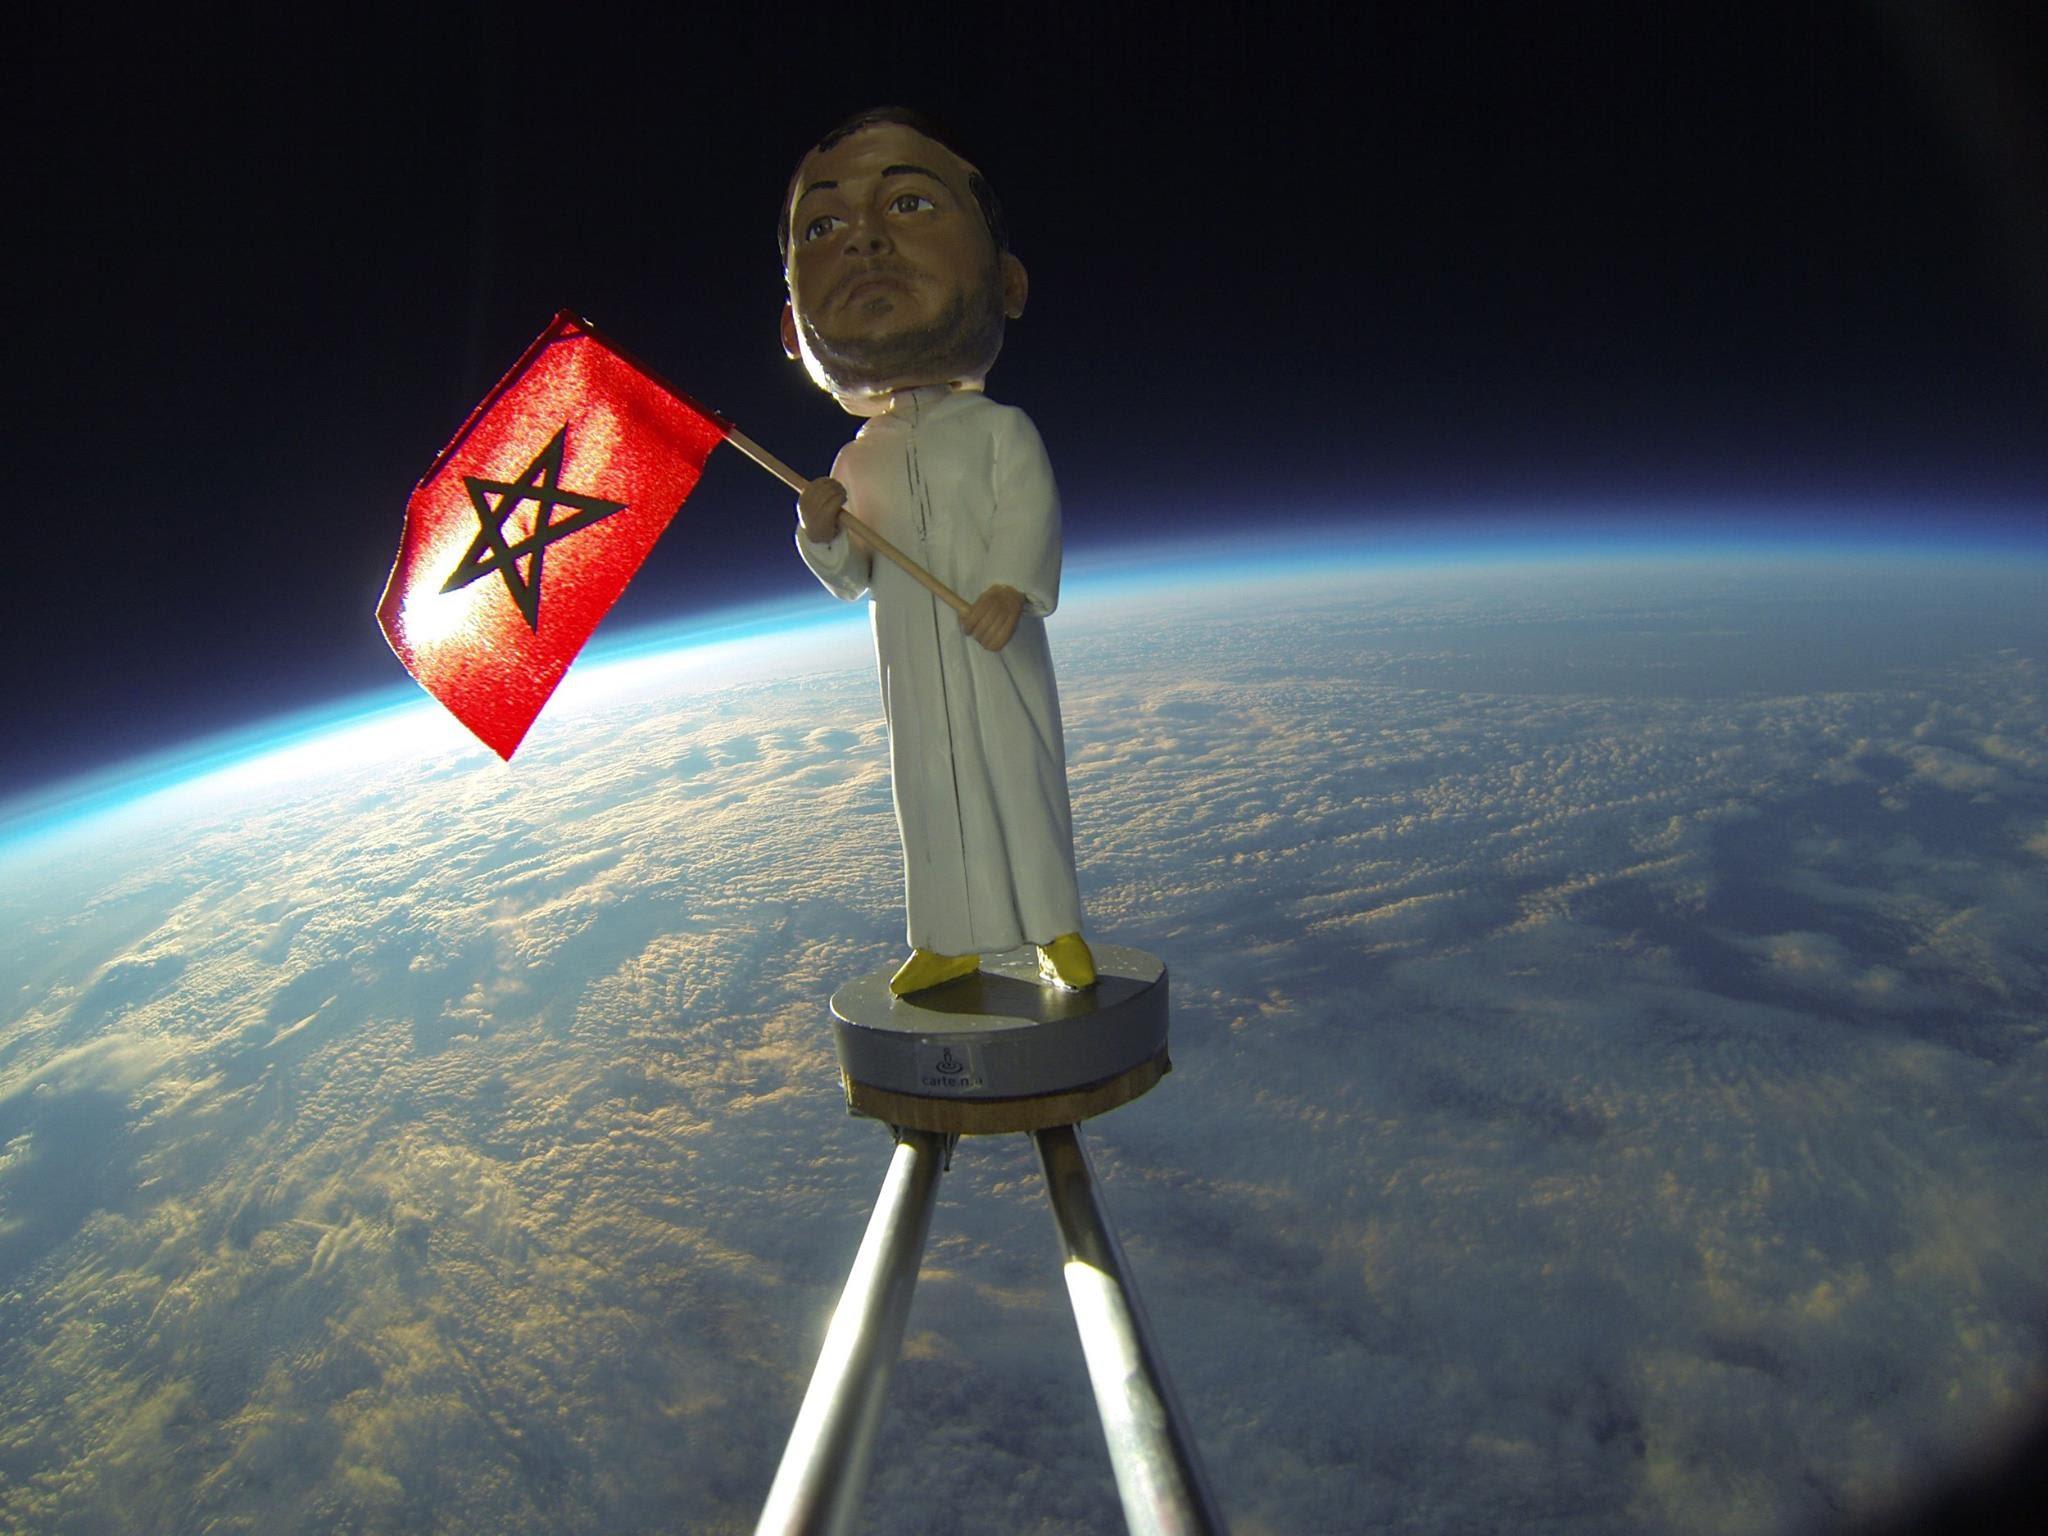 الراية المغربية من الصحراء إلى الفضاء